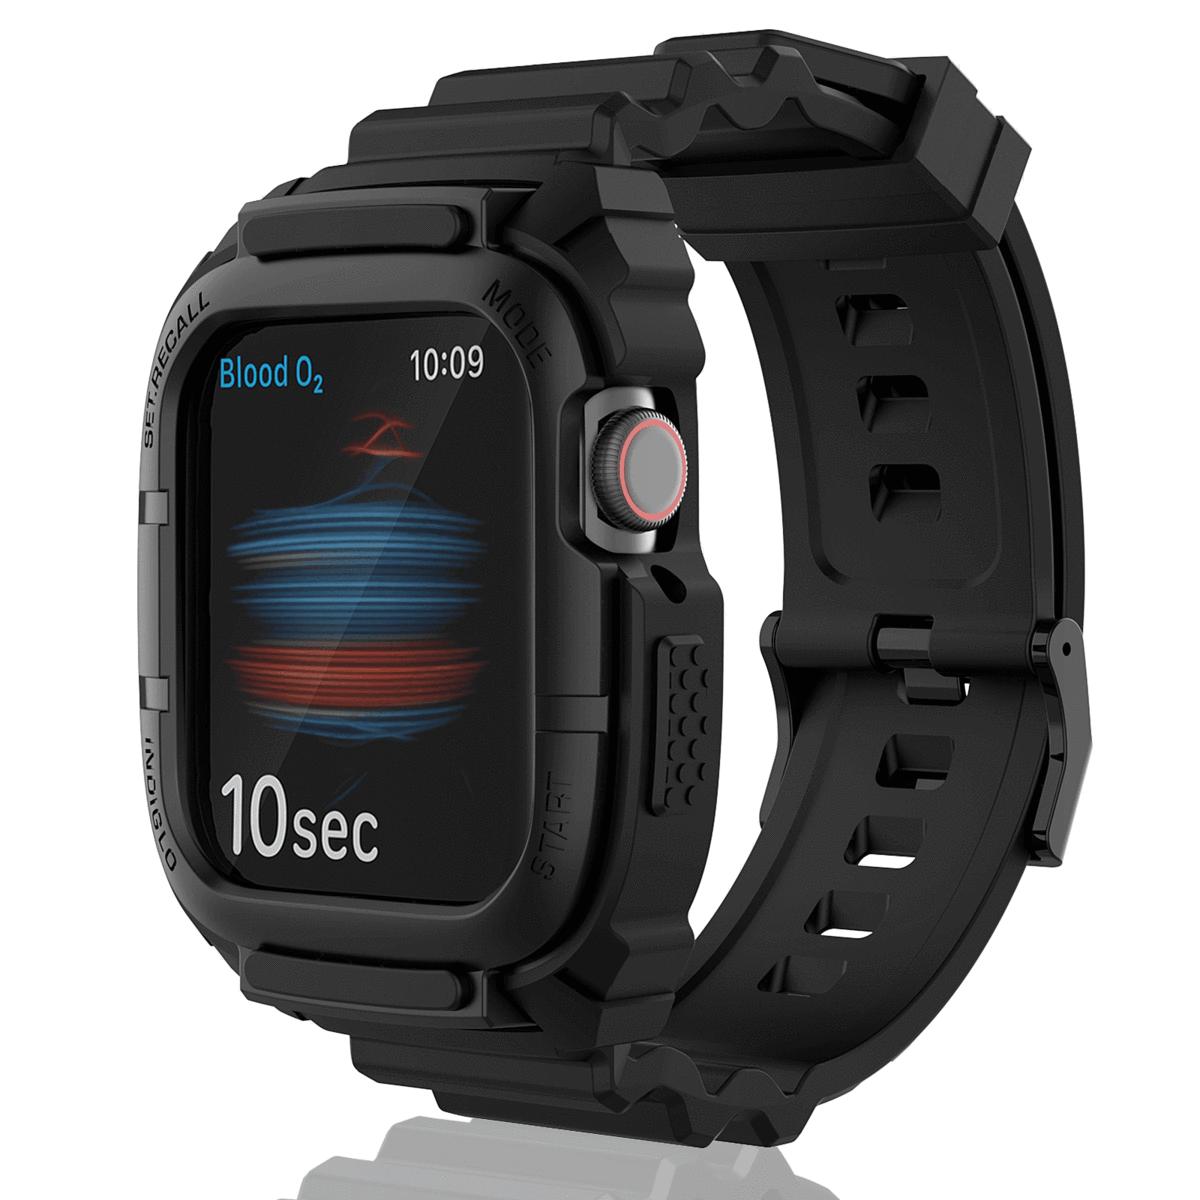 Apple Watch 6/SE/5/4/3 Silikon Ersatzarmband 42/44mm mit Schutzcase in 5 versch. Farben für 7,98€